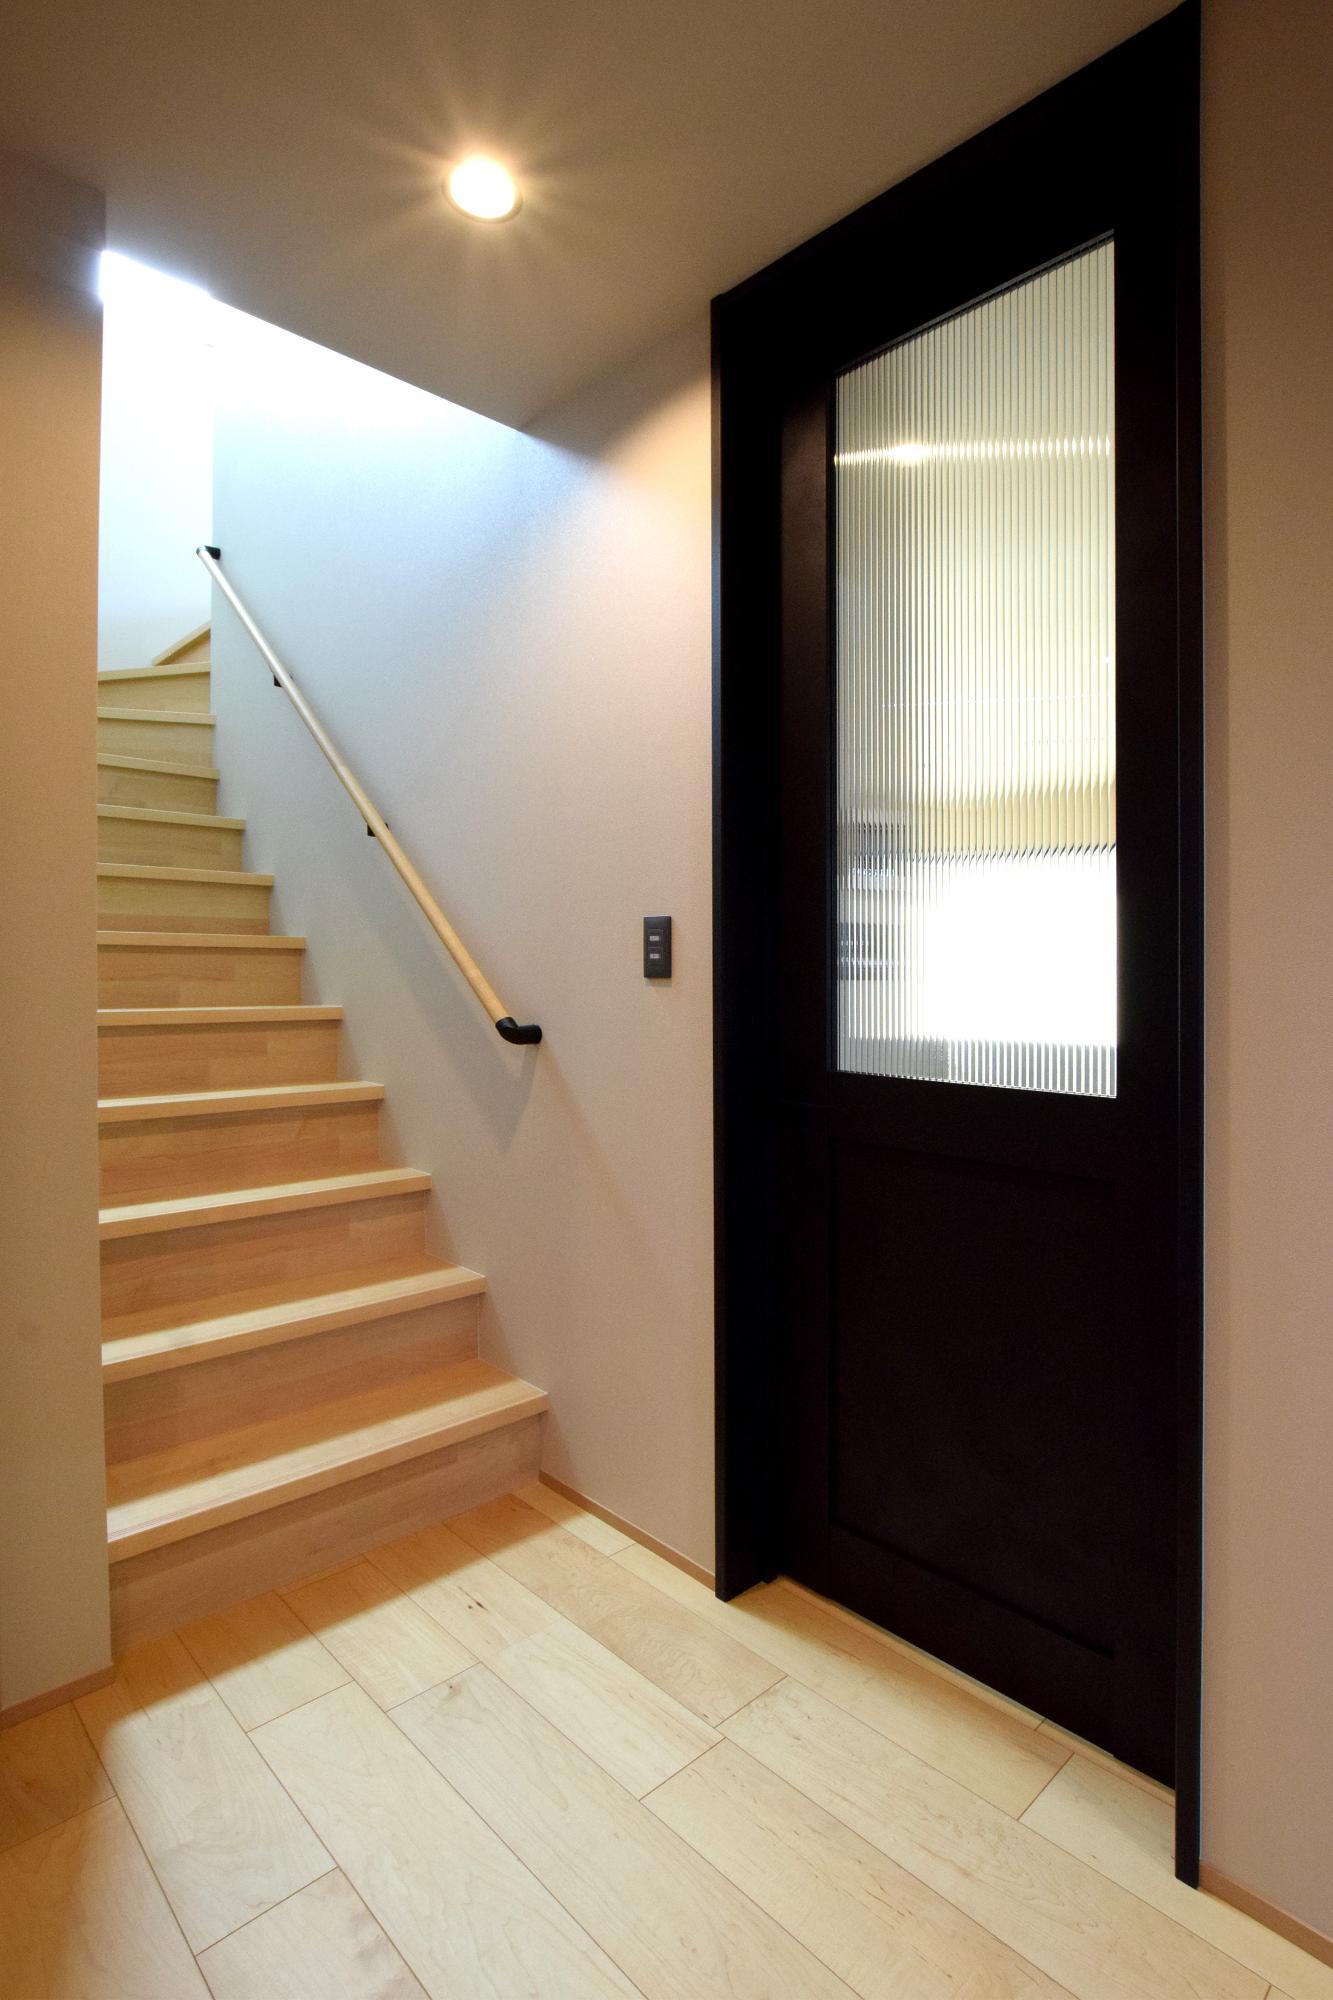 DETAIL HOME(ディテールホーム)「ハコ型という選択×耐震3の家」のシンプル・ナチュラルな階段の実例写真